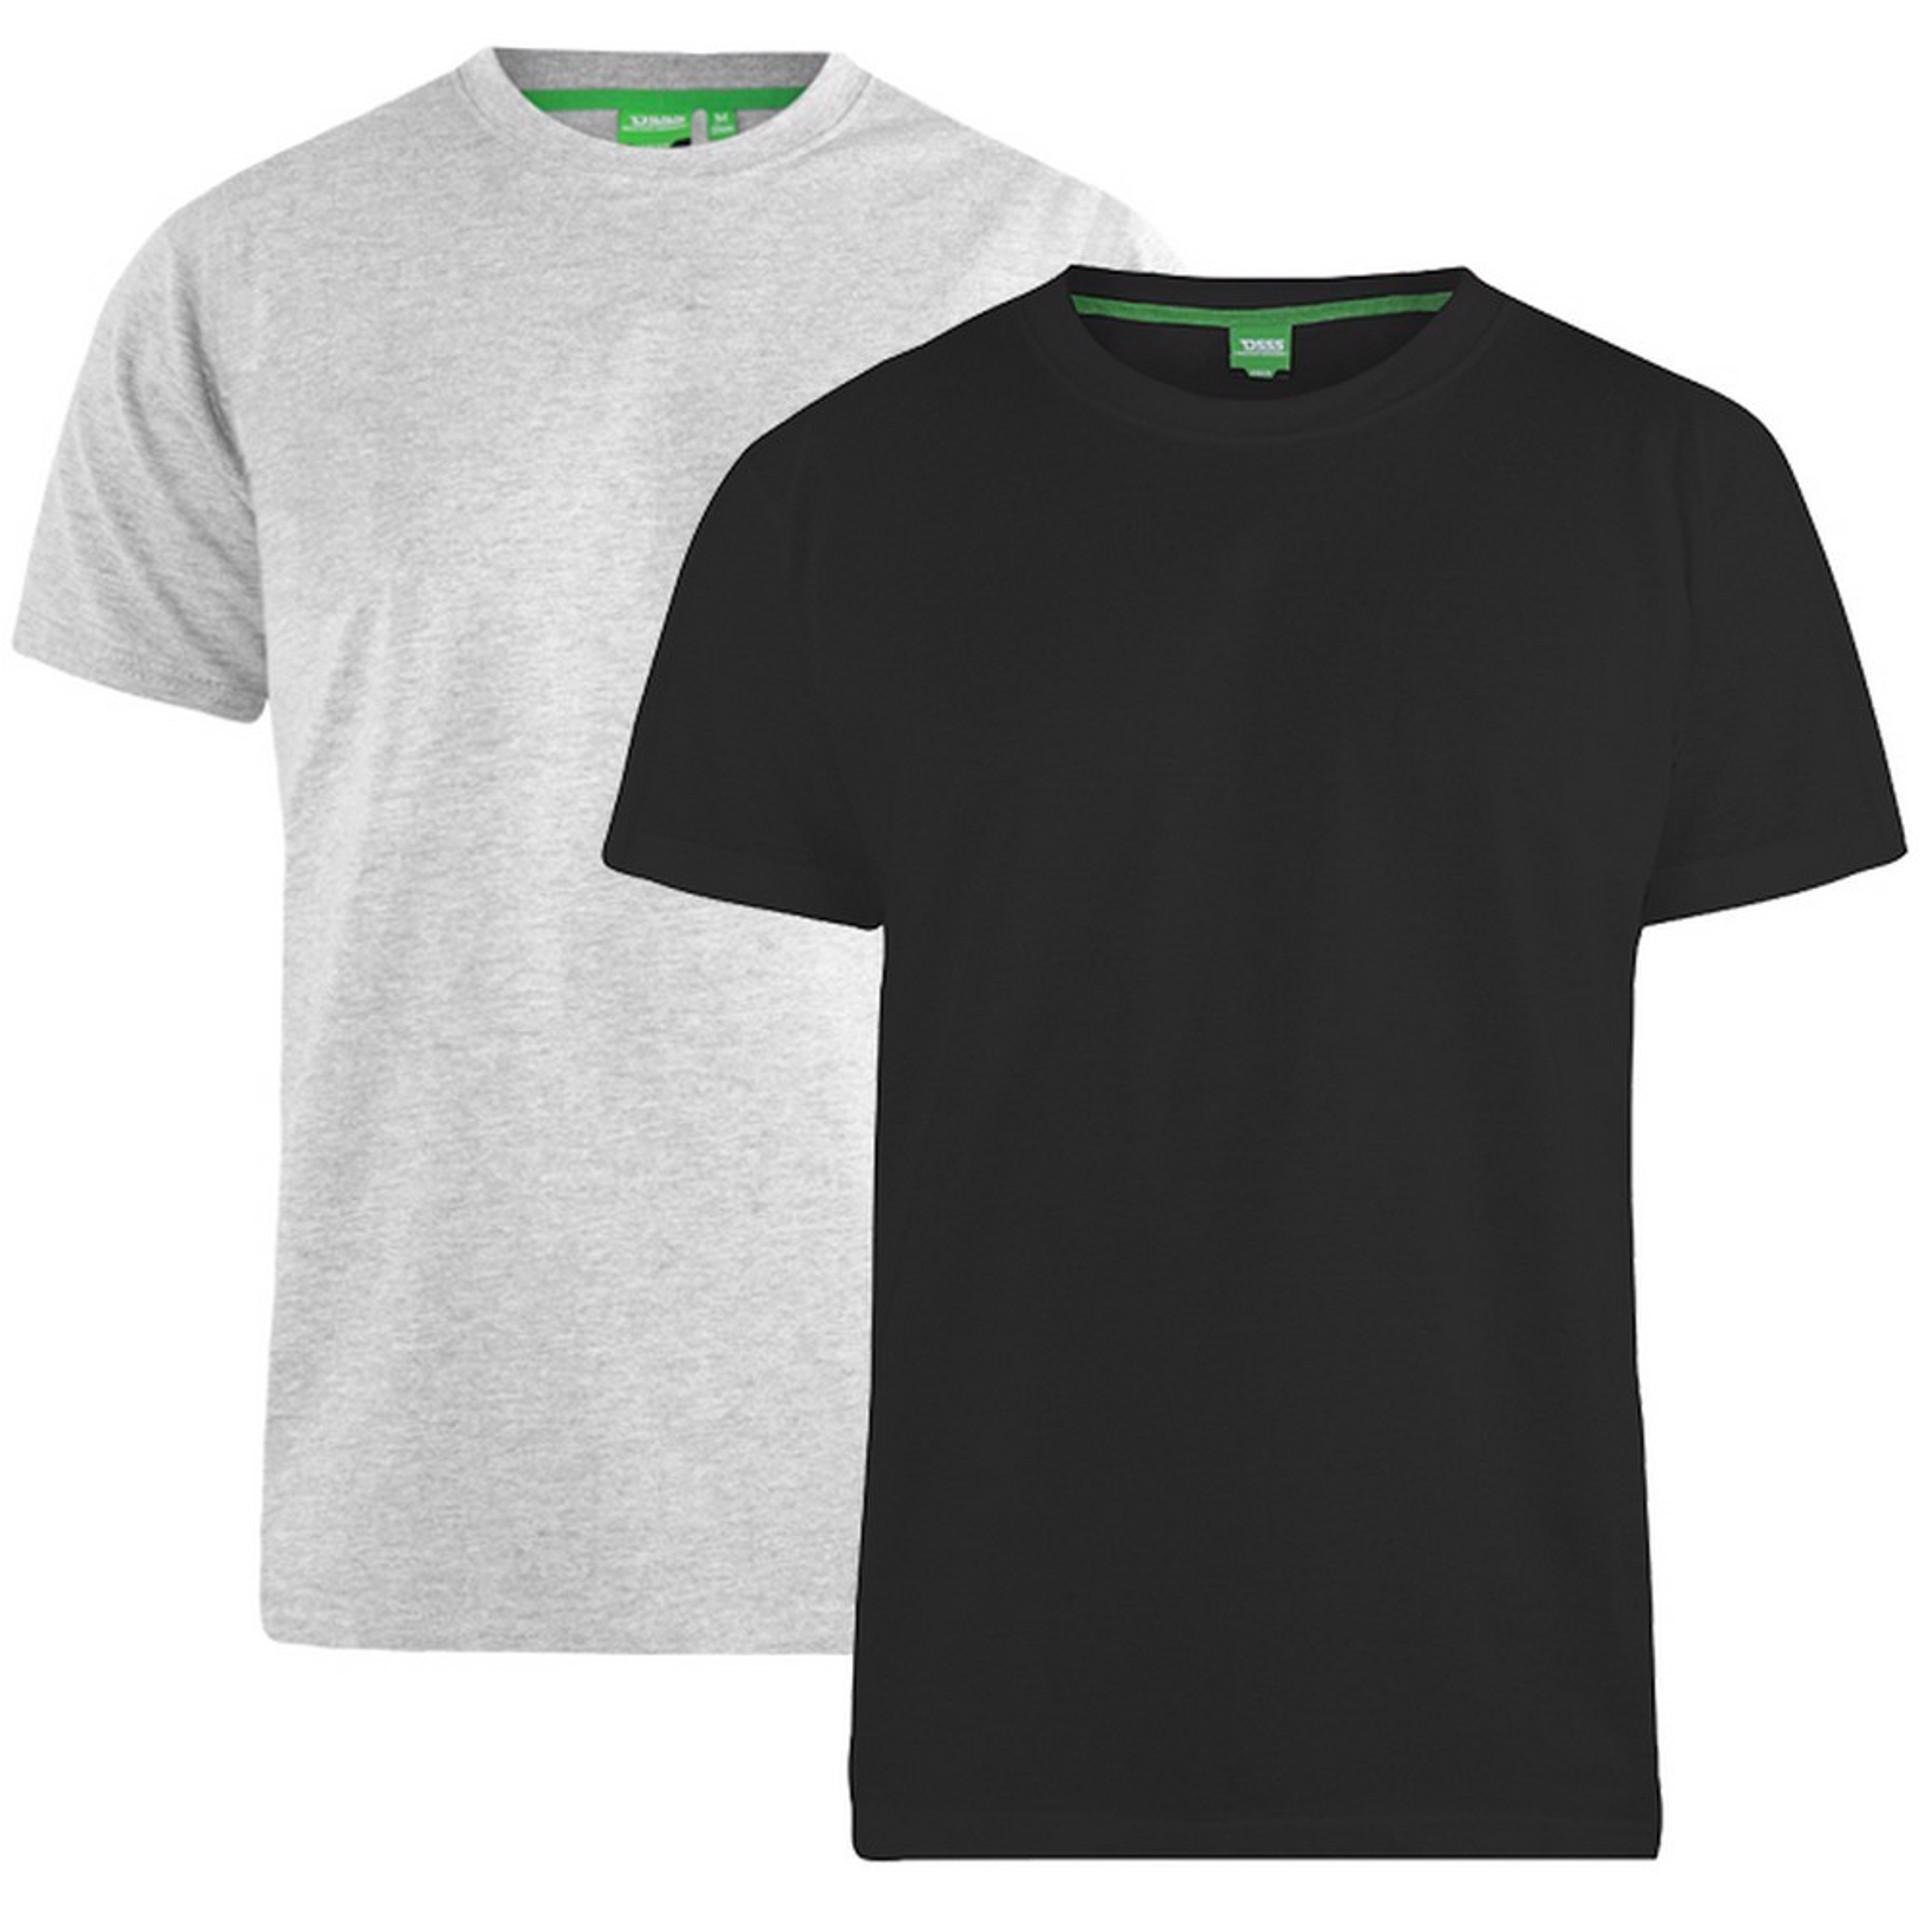 """2-pack T-shirts """"Fenton"""" van merk D555 in de kleuren zwart en grijs, gemaakt van 100% katoen."""